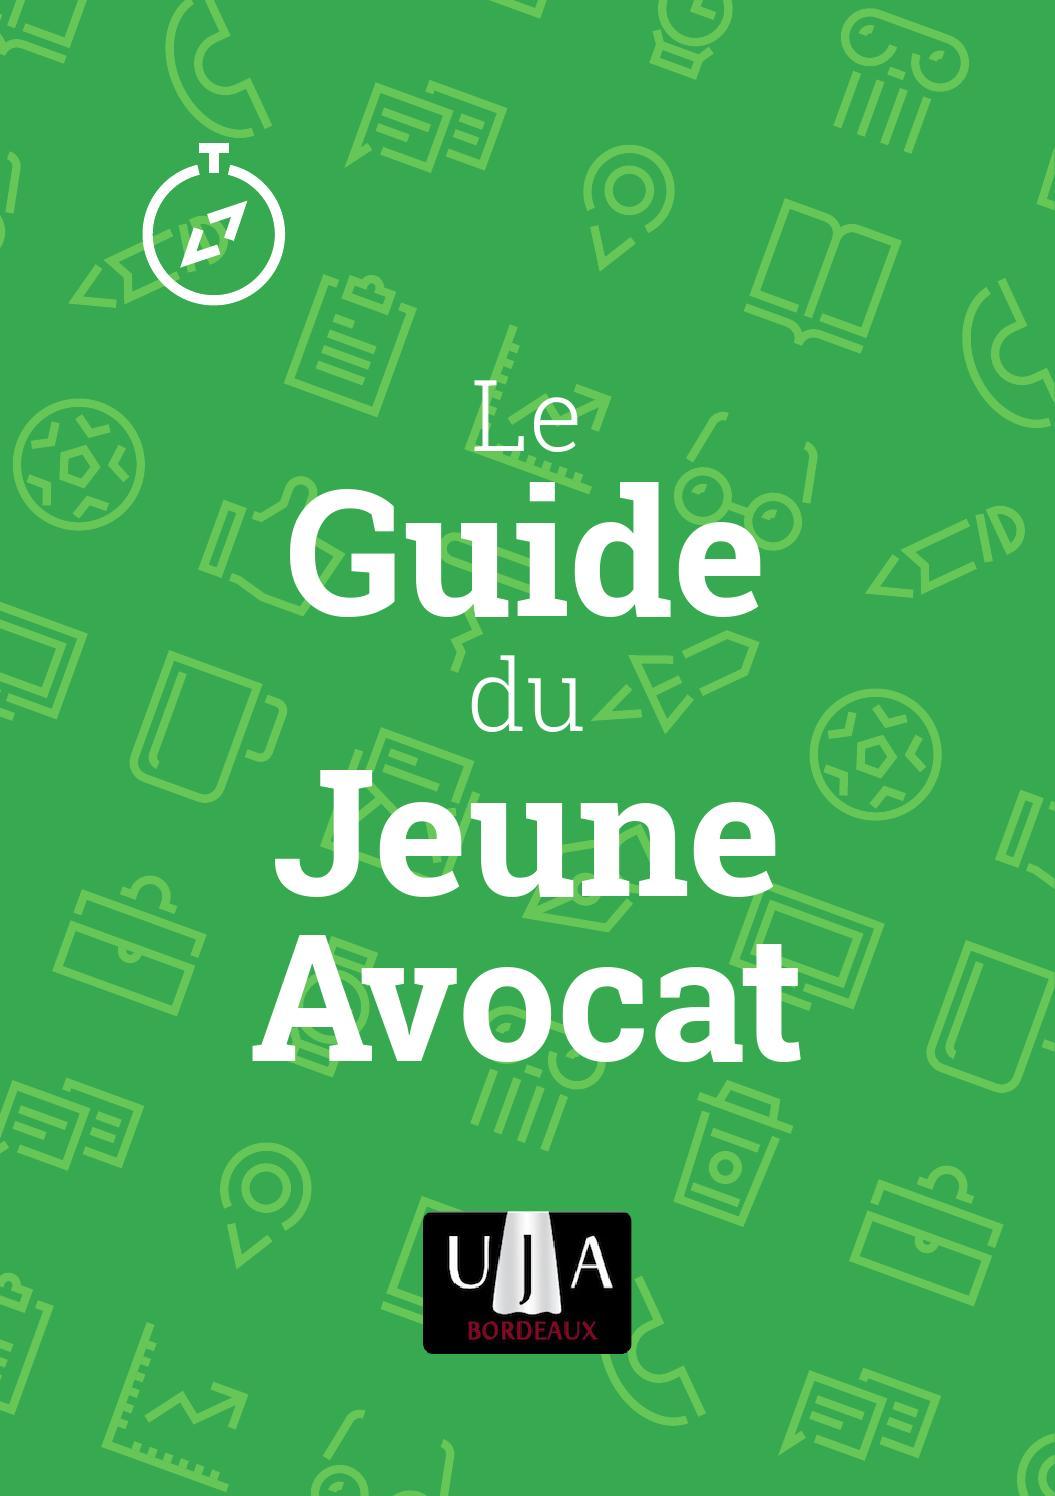 Guide Du Jeune Avocat Bordeaux 2015 By Uja Bordeaux Issuu